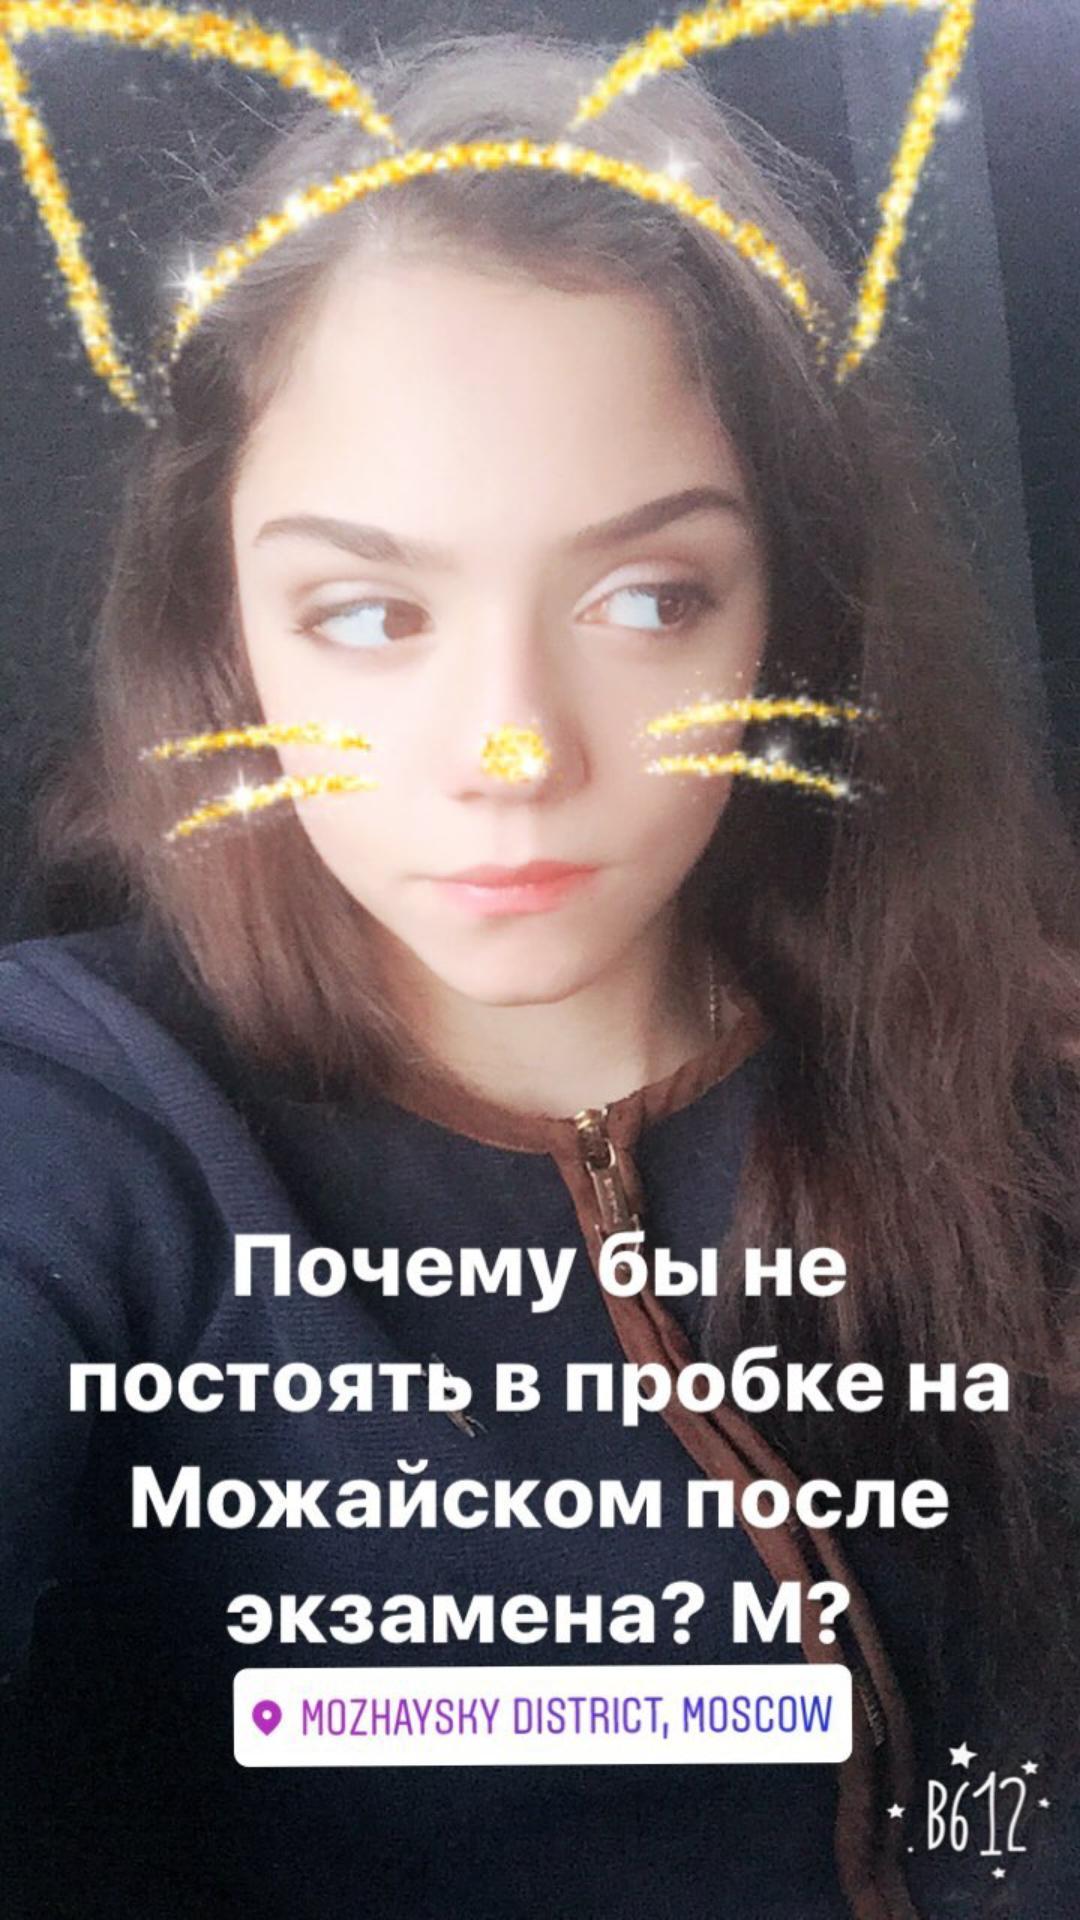 キャッツアイを意識してる?メドベージェワ選手がインスタグラムに猫耳を付けた可愛い写真を公開